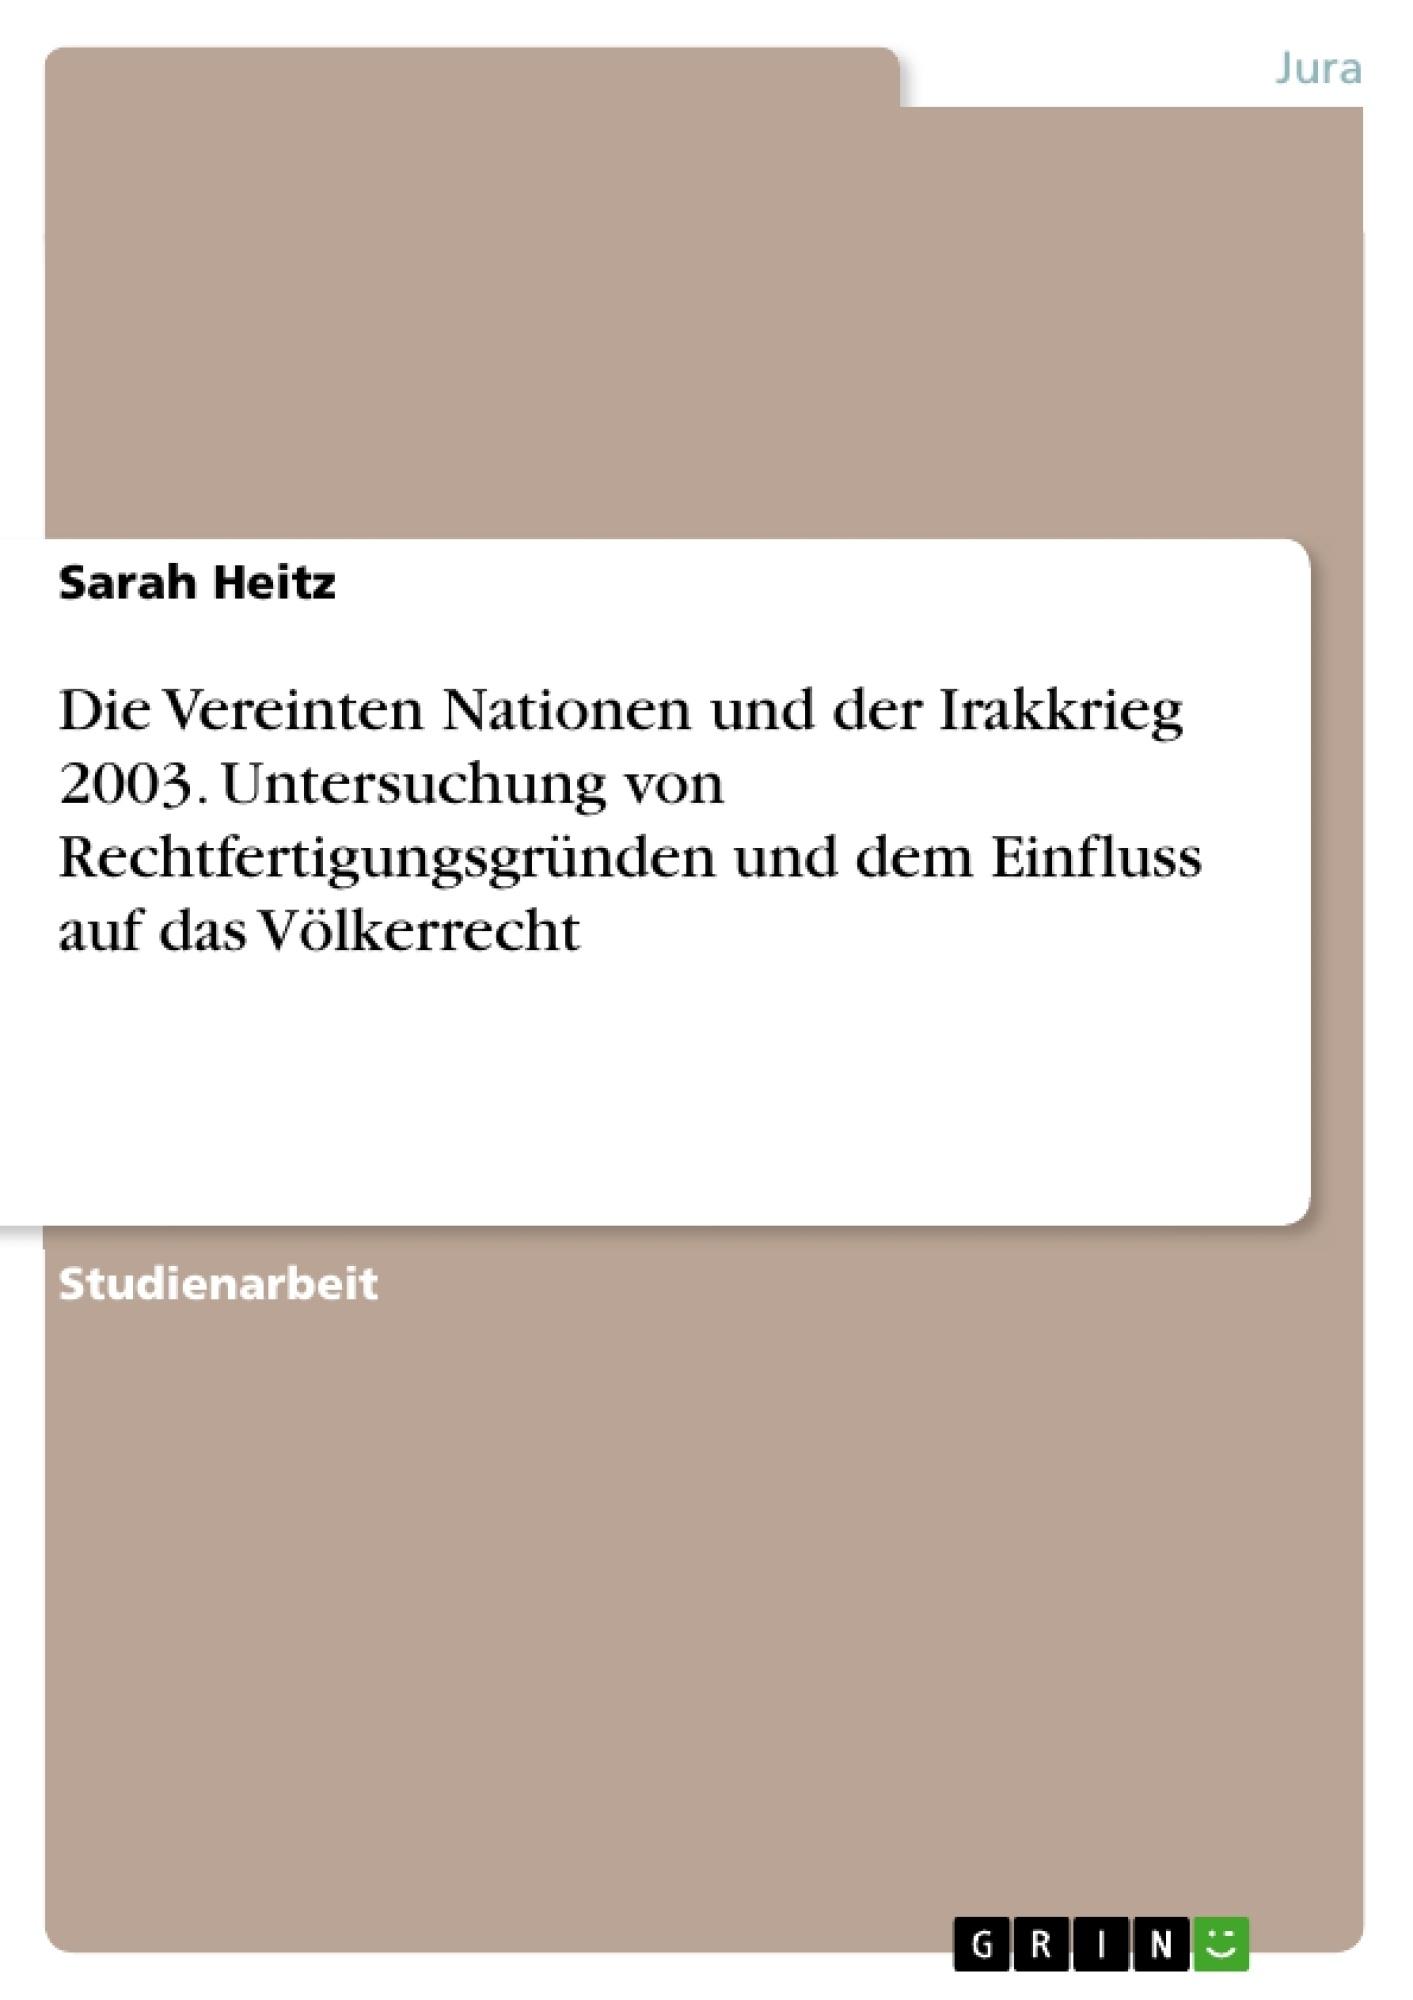 Titel: Die Vereinten Nationen und der Irakkrieg 2003. Untersuchung von Rechtfertigungsgründen und  dem Einfluss auf das Völkerrecht